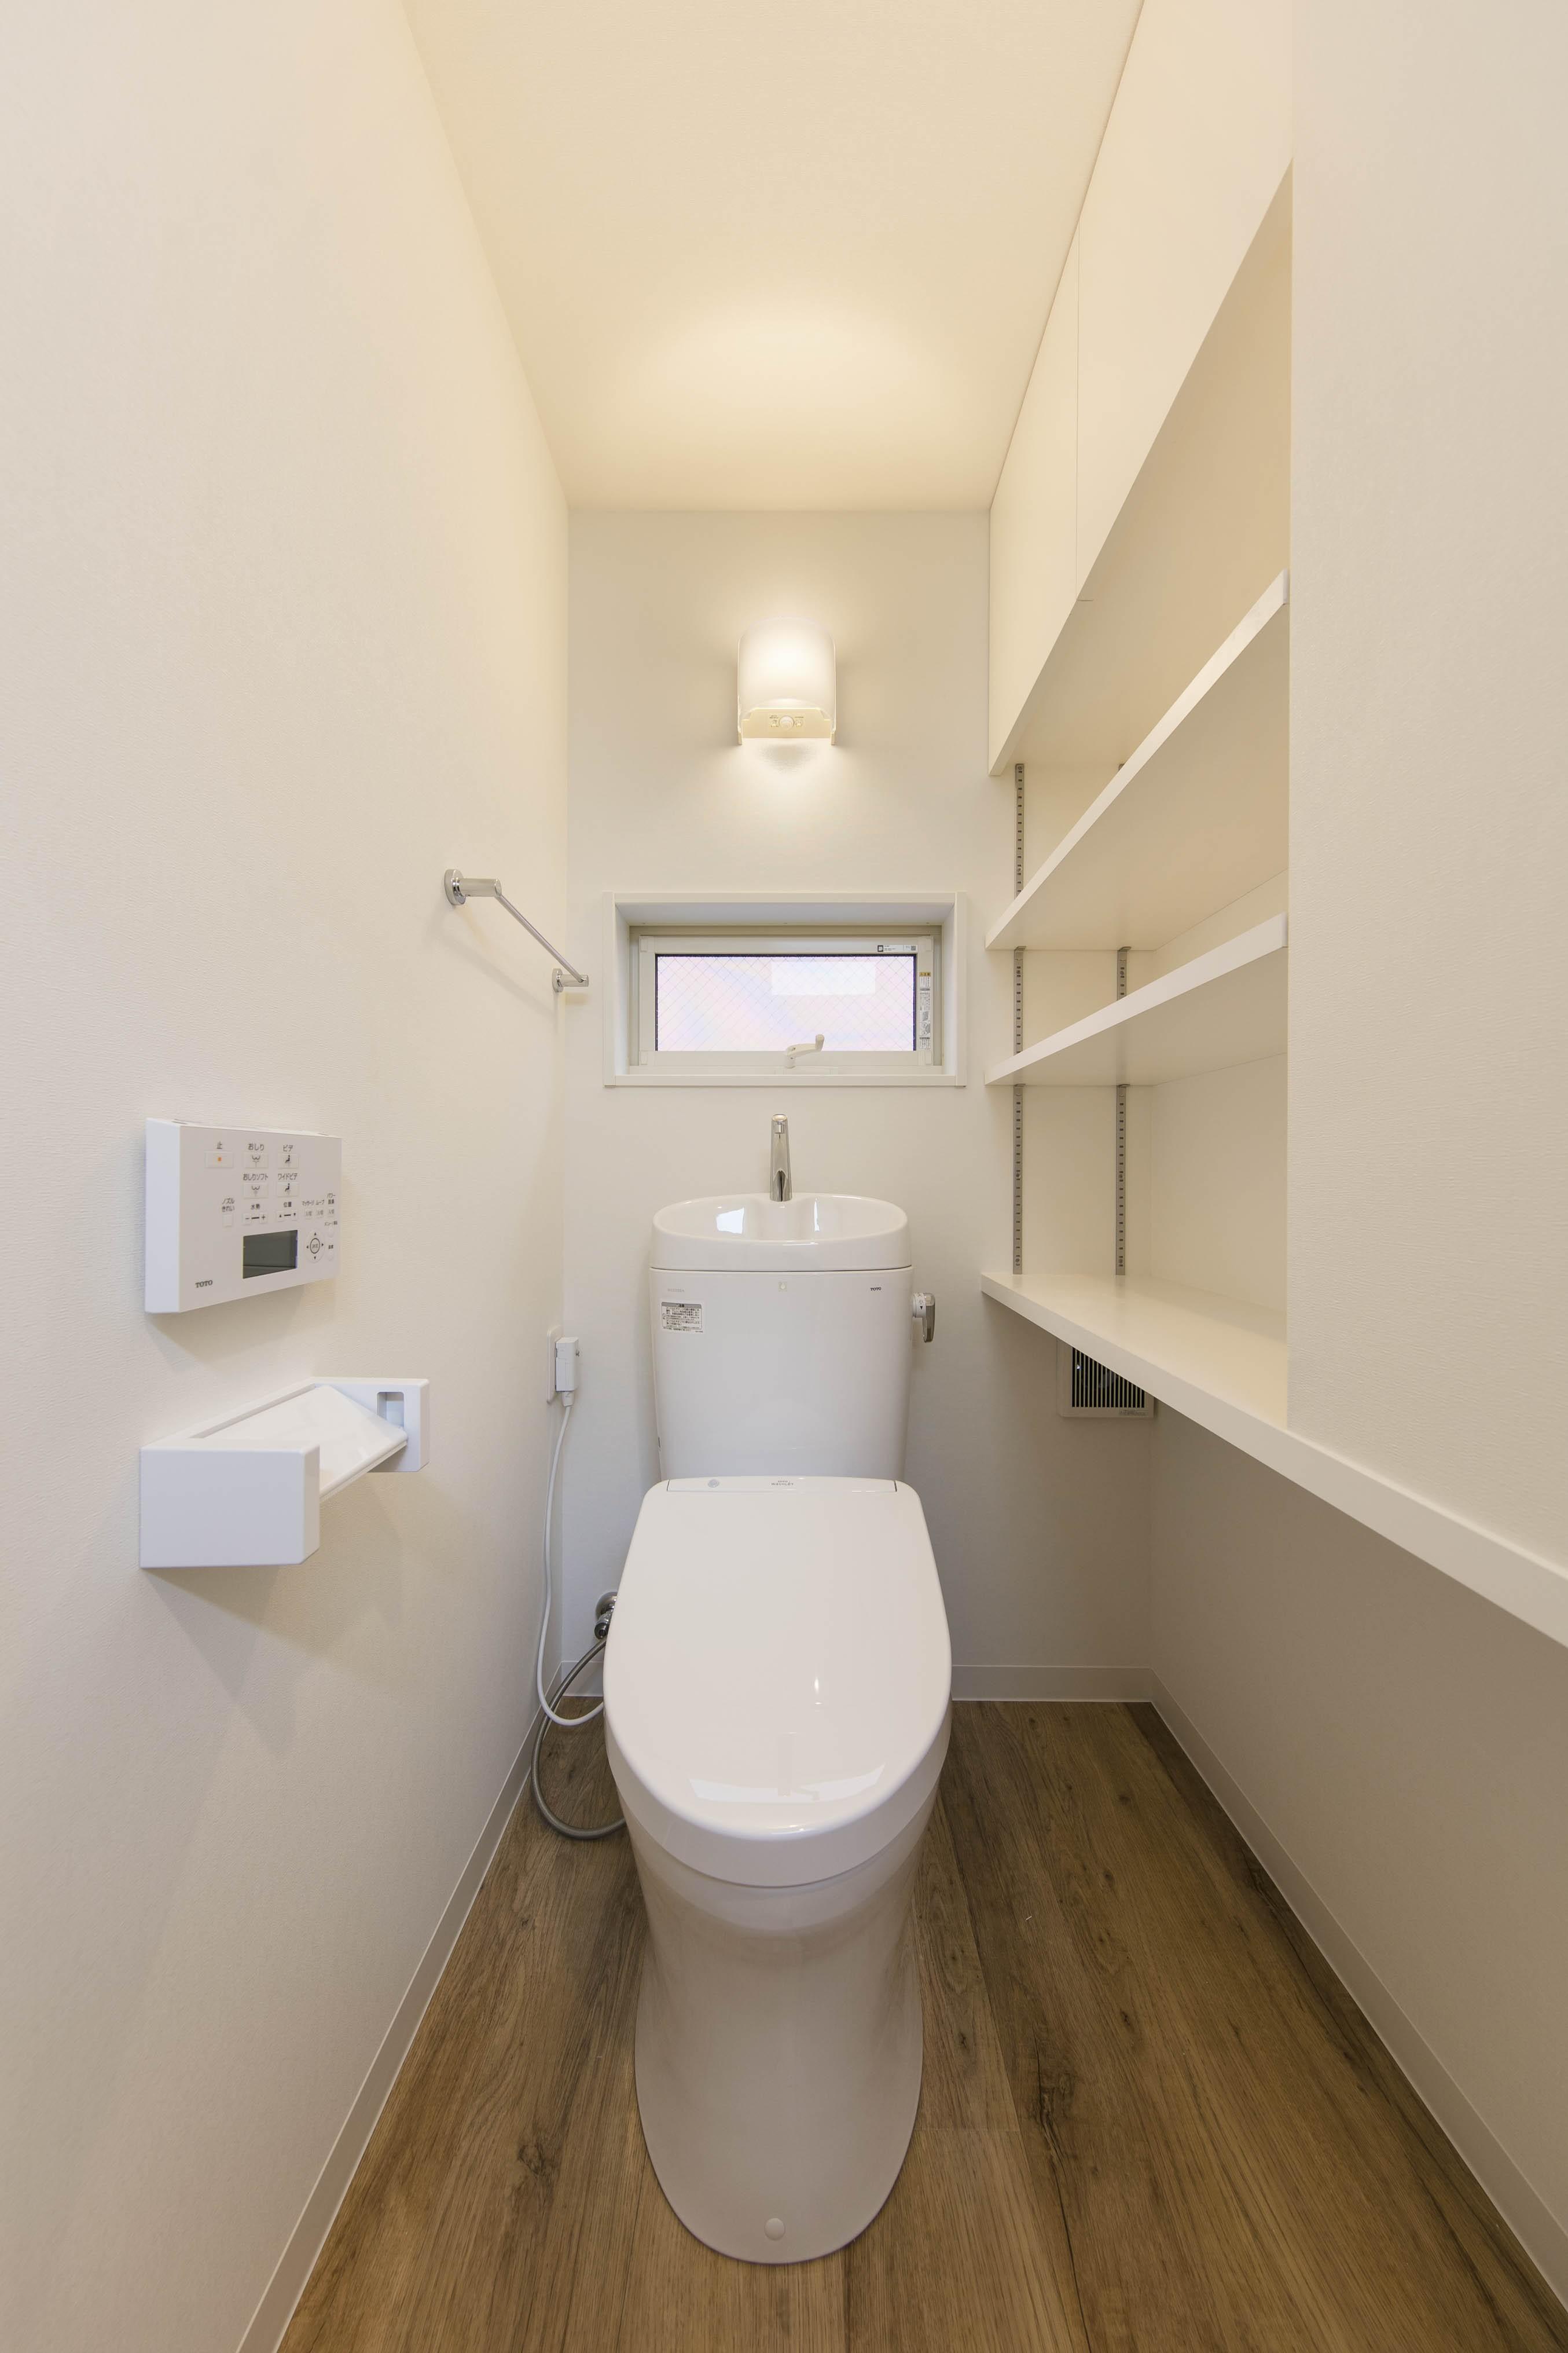 バス/トイレ事例:トイレは猫も人も一緒・猫トイレ置場のある収納たっぷりトイレ(猫と一緒に住む、都心の中庭のある「猫の集合住宅」)